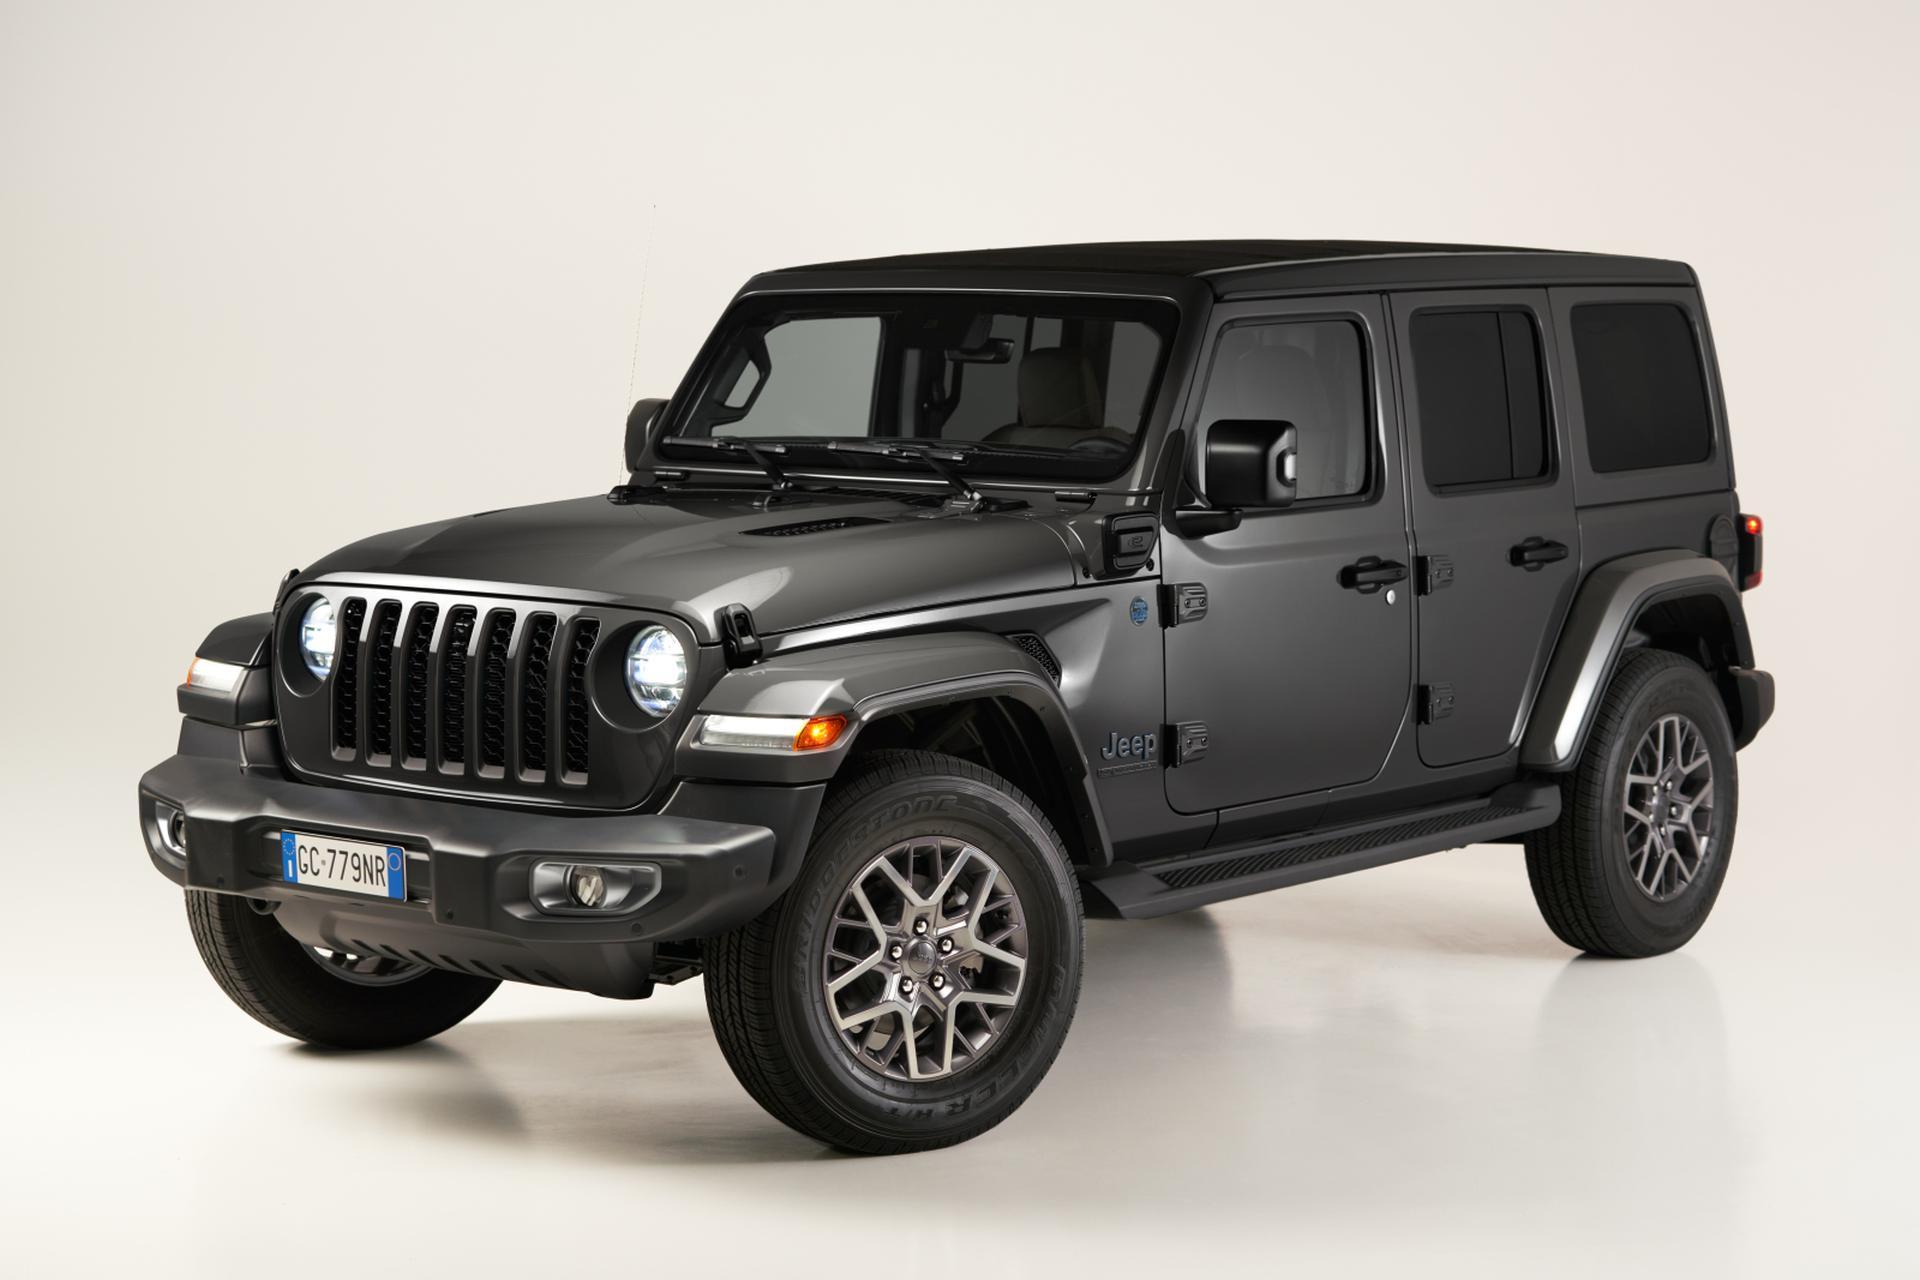 Vollelektrischer Jeep Wrangler - Studie wird Ende März erwartet